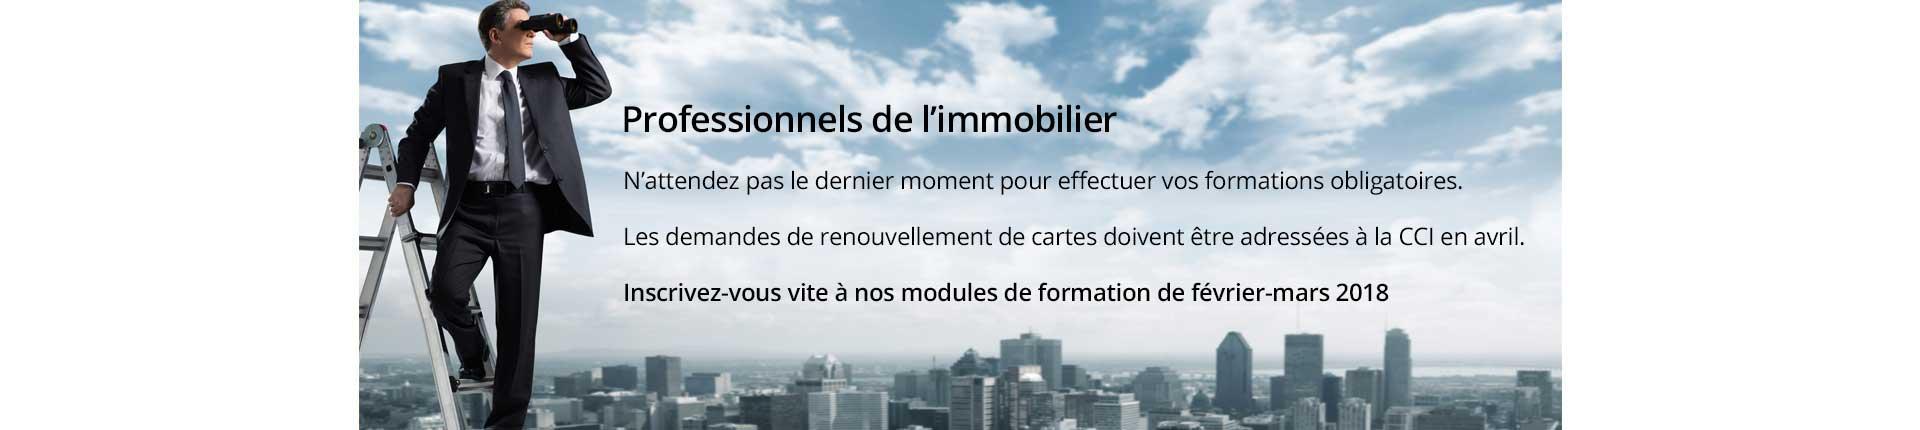 Formation Immobilier fevrier mars 2018